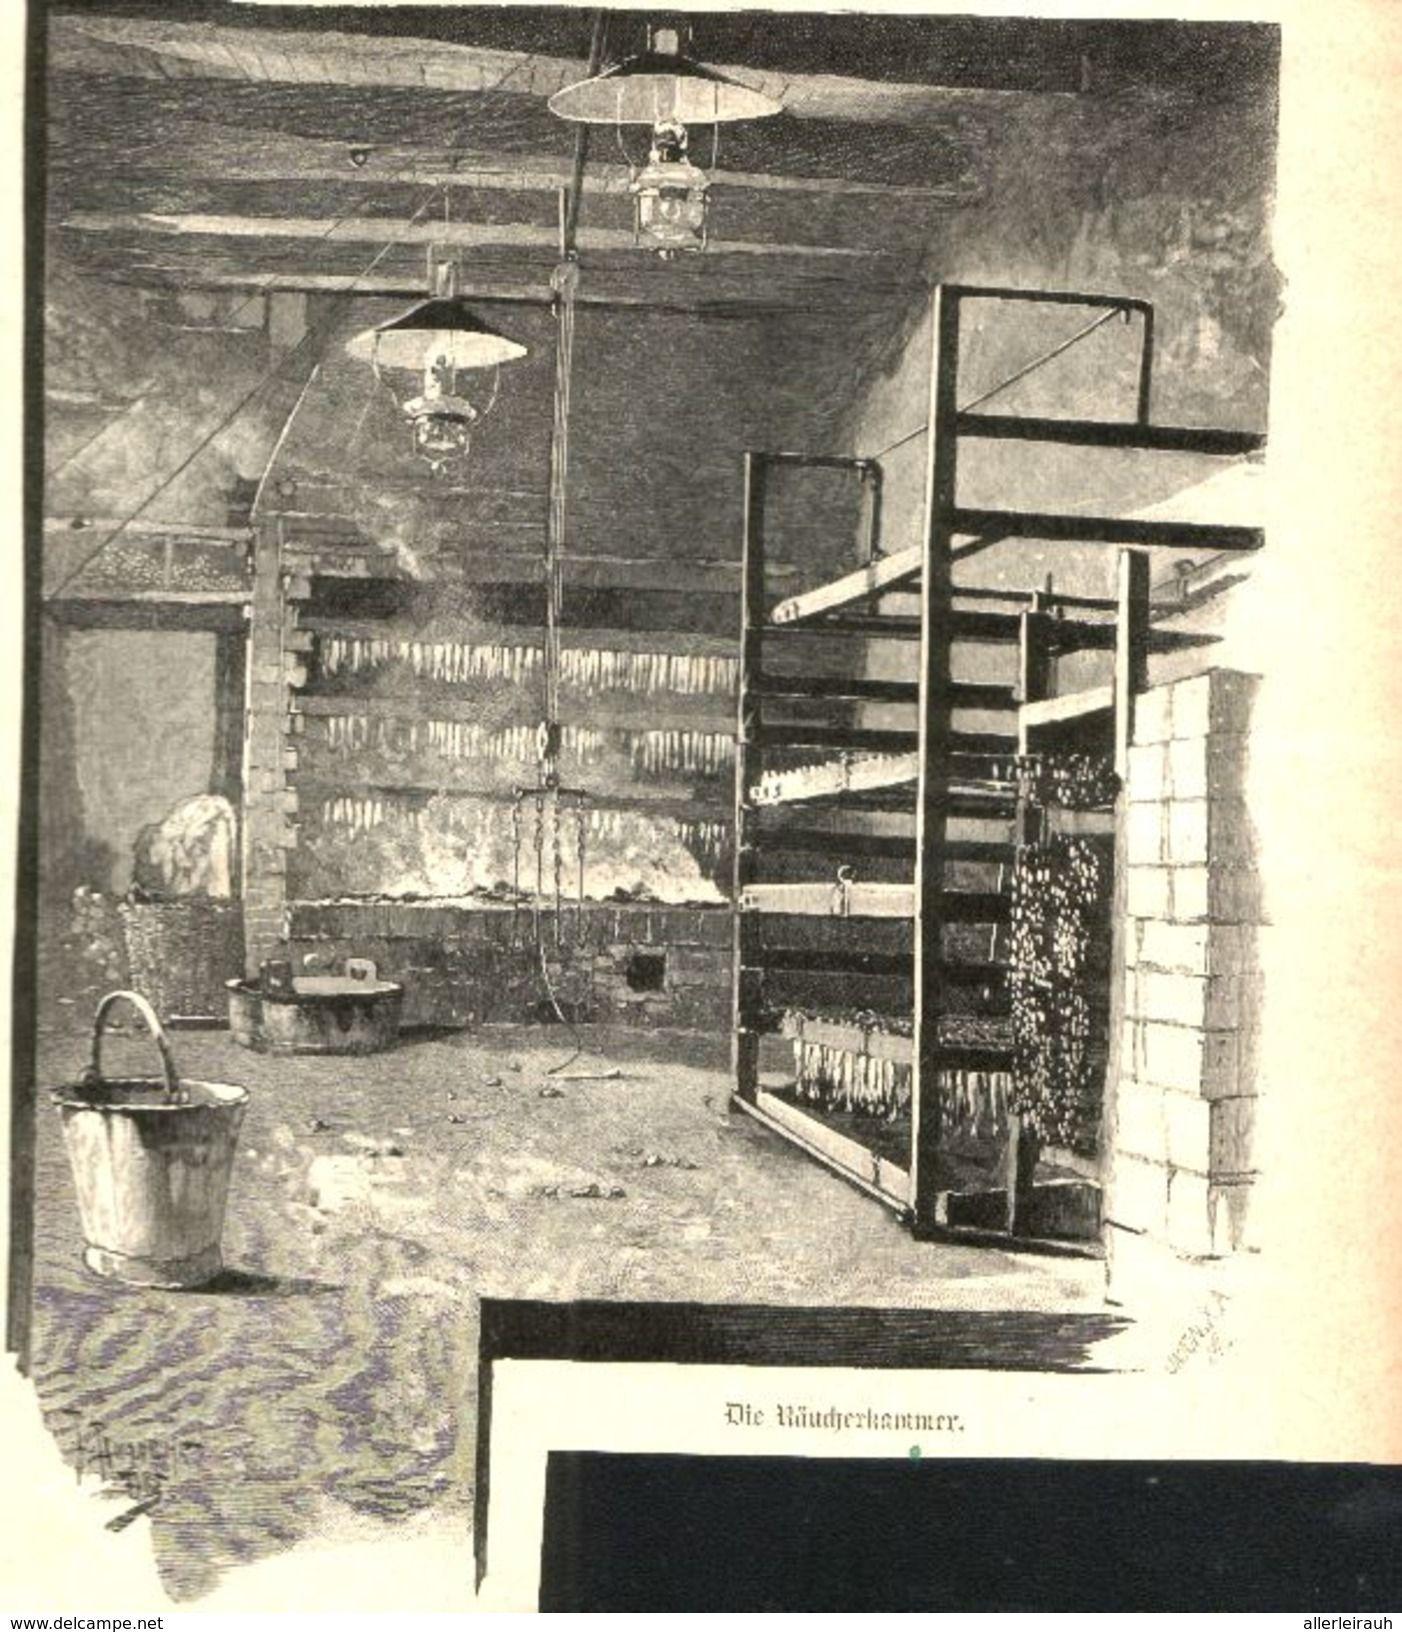 Das Trocknen Der Frischen Fische Druck Mit Gedicht Entnommen Aus Zeitschrift 1896 Artikelnummer 434682913 Zeitschriften Drucken Und Comic